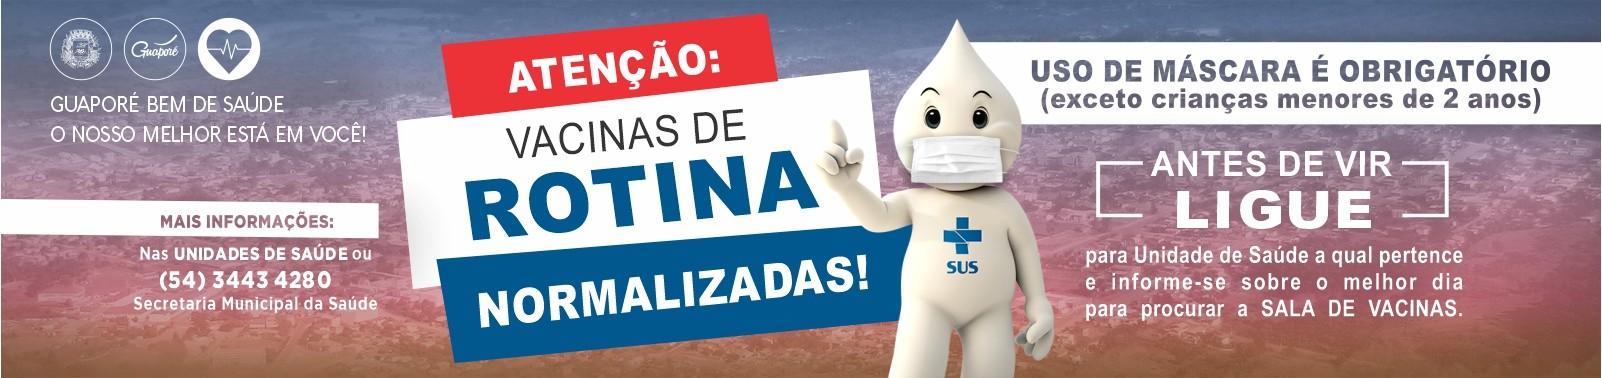 Banner 8 - Vacinação ROTINA - Liberadas